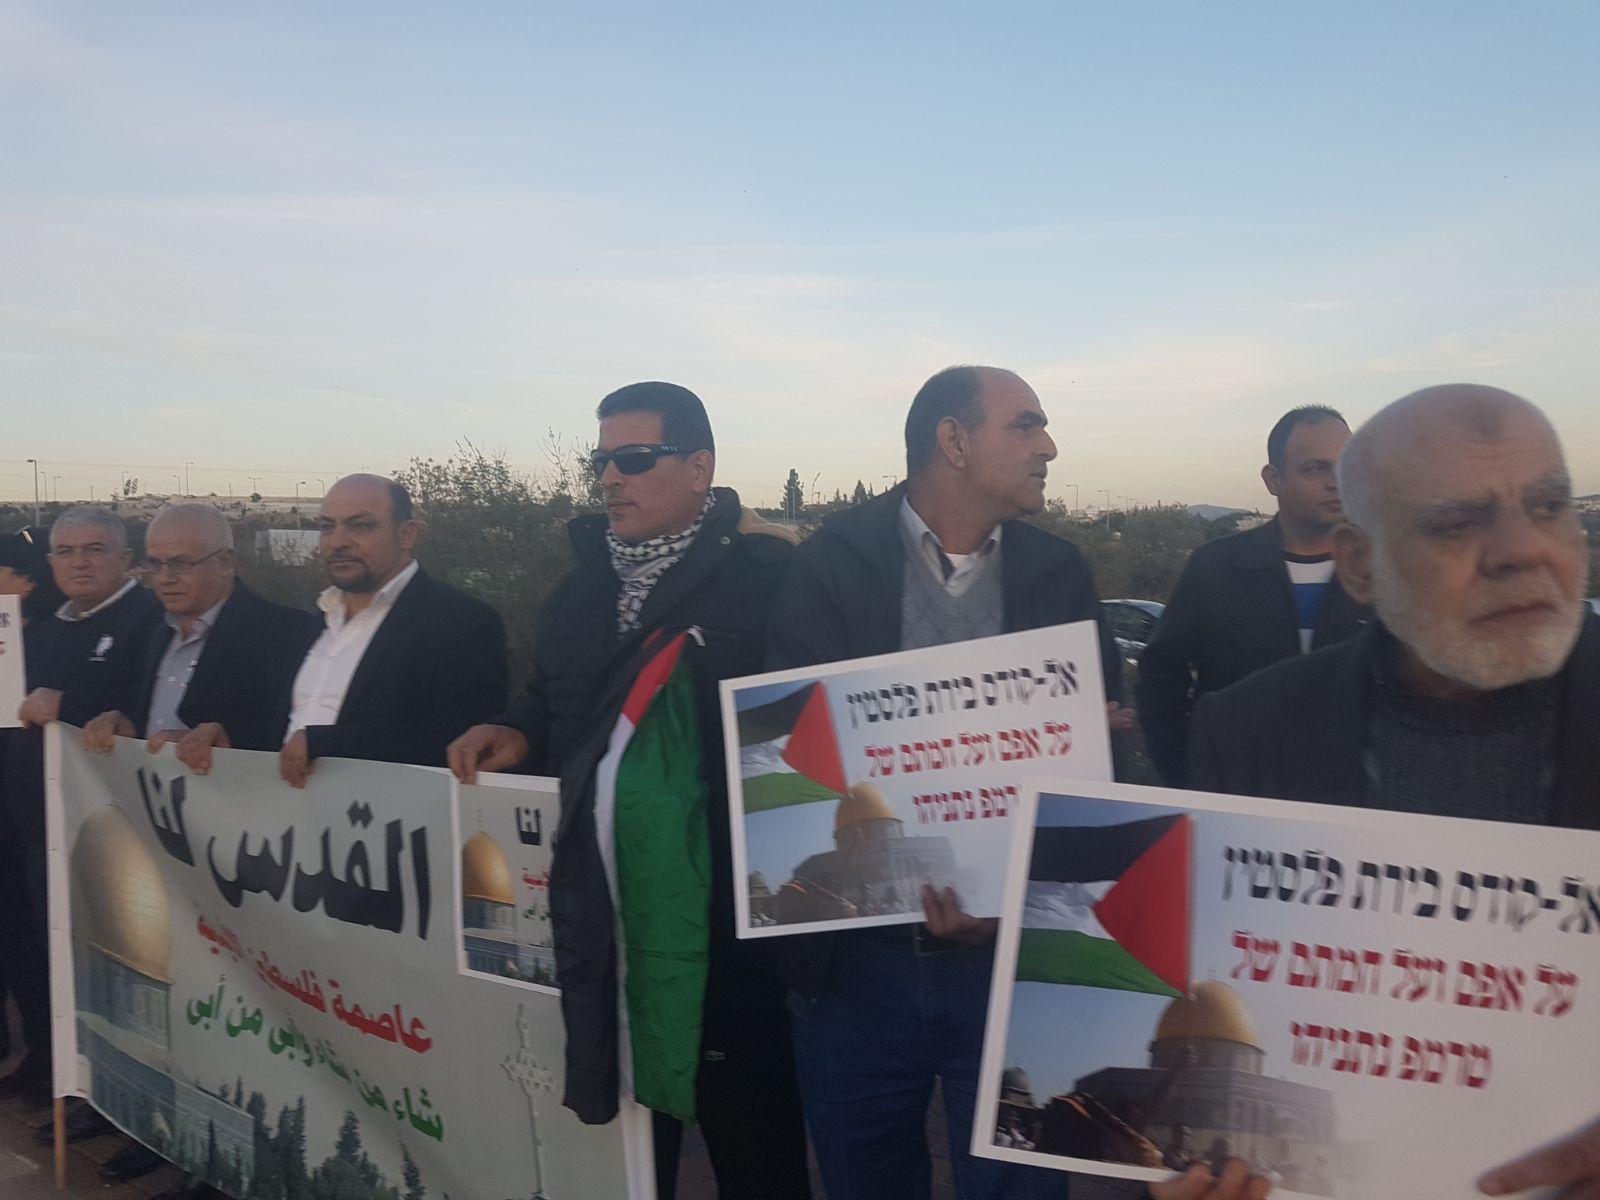 تواصل المسيرات بالبلدات العربية رفضا لقرار ترامب